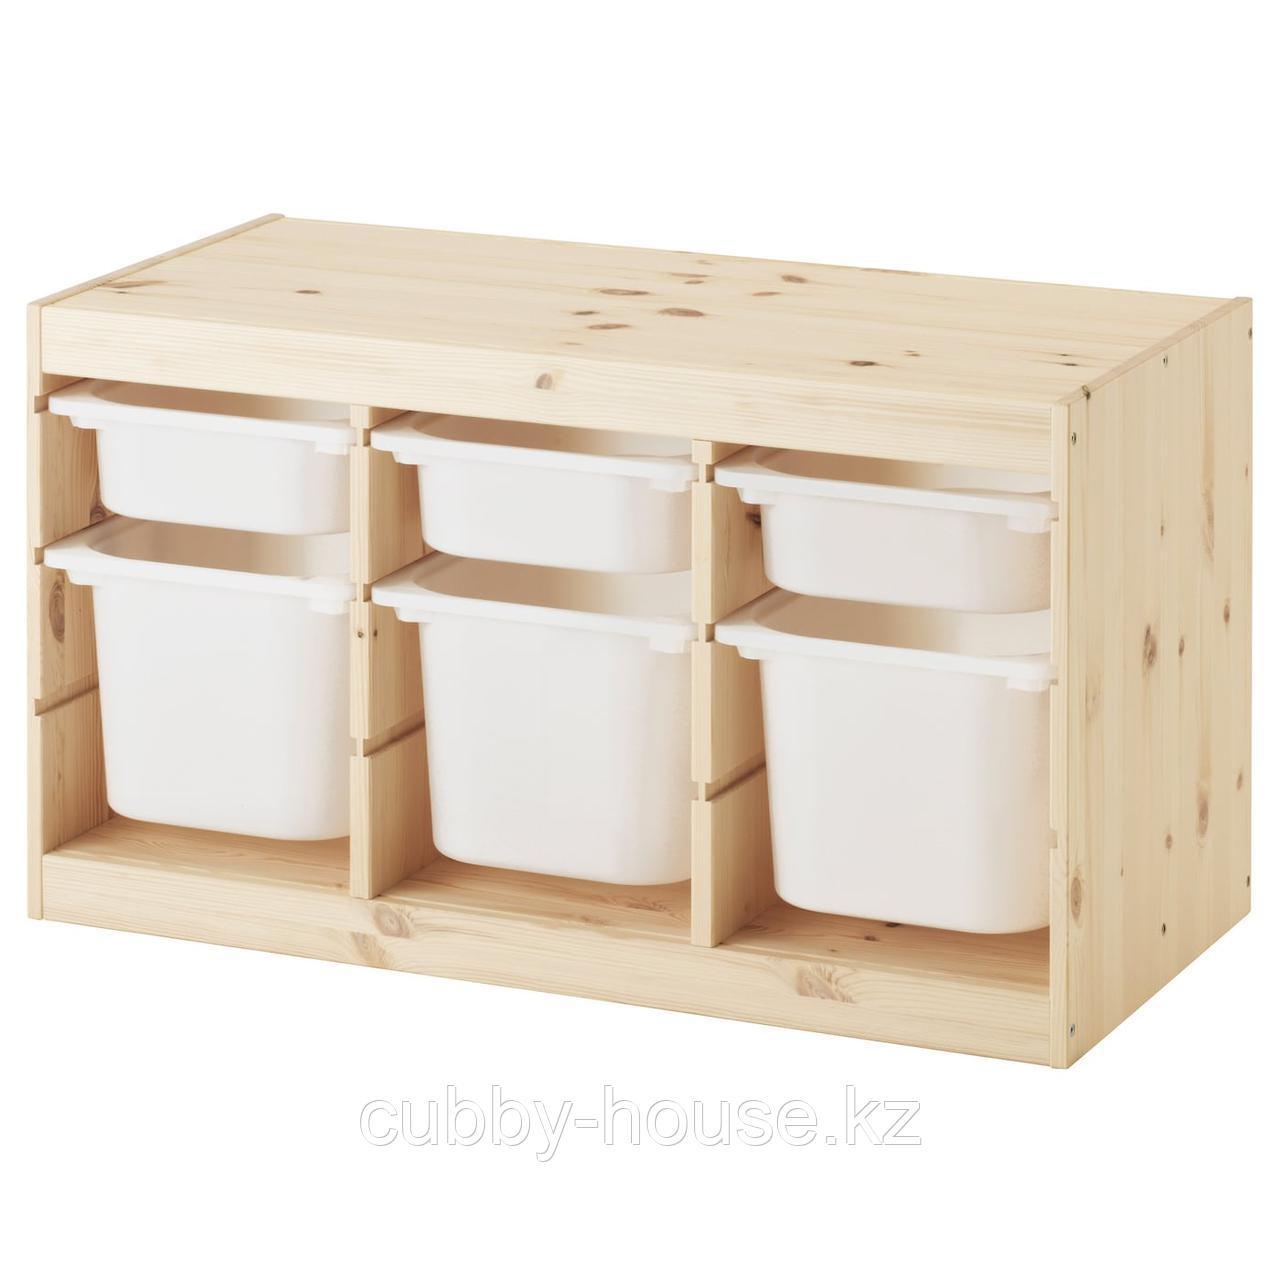 ТРУФАСТ Комбинация д/хранения+контейнеры, светлая беленая сосна белый, оранжевый, 94x44x52 см